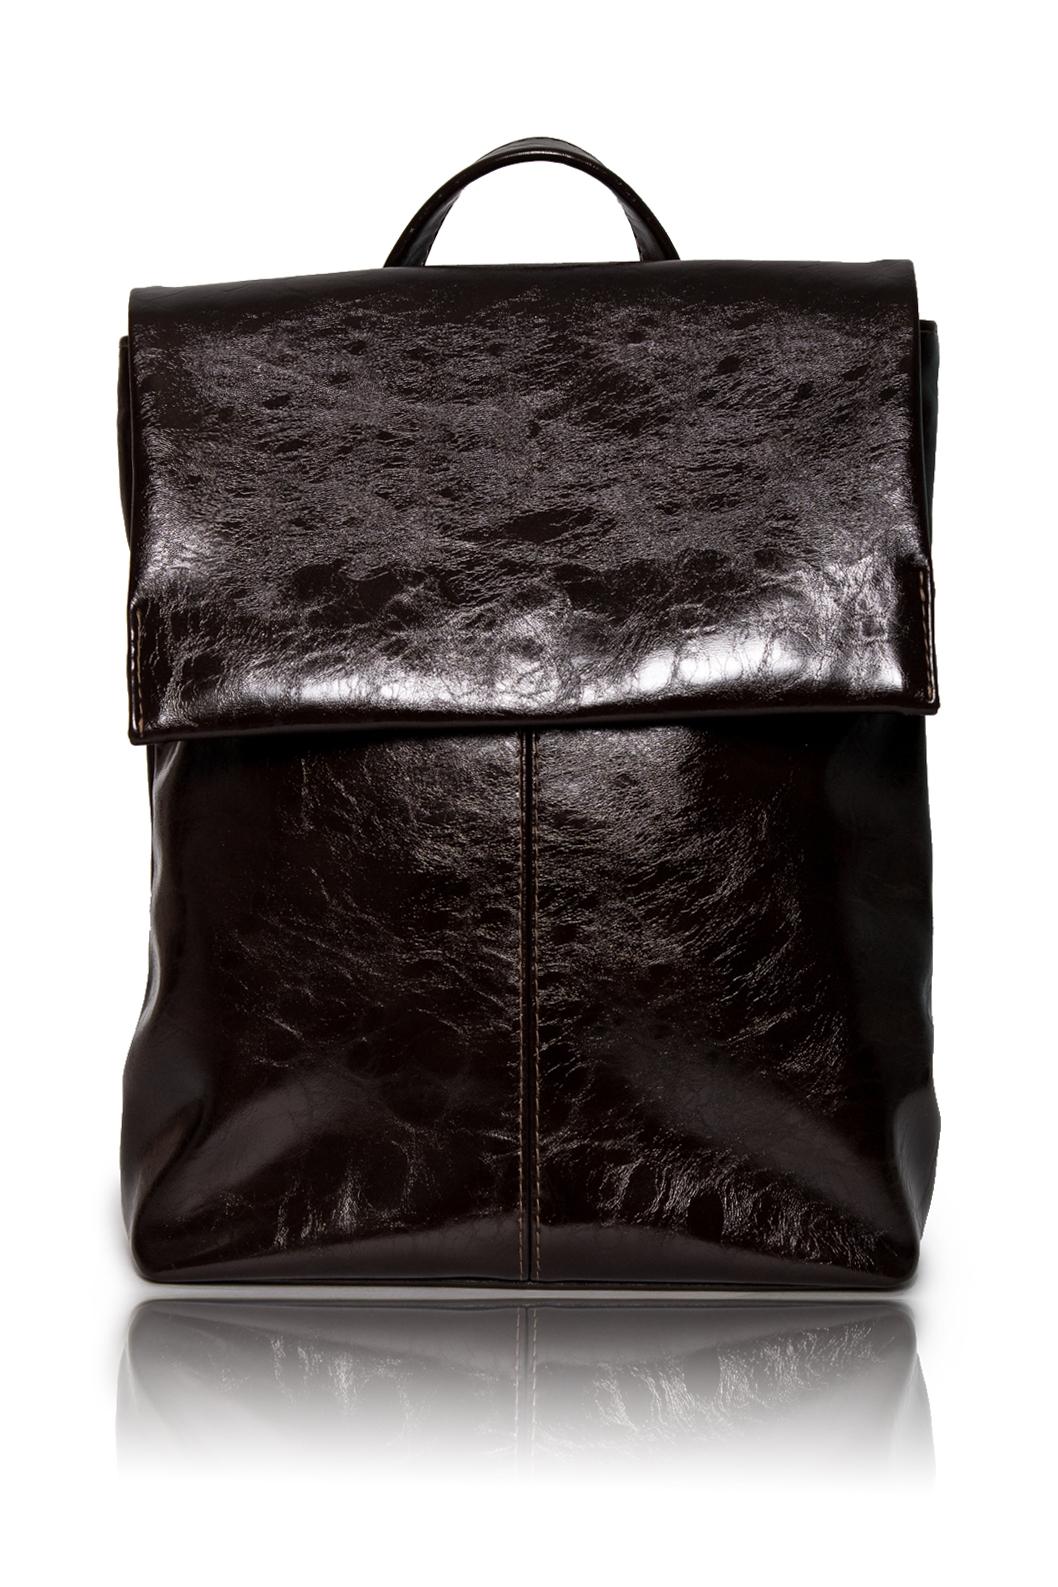 РюкзакРюкзаки<br>Женские сумки бренда DINESSI - это стильные аксессуары, которые по достоинству оценят представительницы прекрасного пола.  Рюкзак со средним швом на передней части и откидным клапаном, фиксирующимся магнитом. Застежка на молнию. Внутри карман под телефон и карман с молнией.  Цвет: шоколадный.  Размеры: 32*30*10 ± 1 см<br><br>По материалу: Искусственная кожа<br>По размеру: Средние<br>По рисунку: Однотонные<br>По силуэту стенок: Прямоугольные<br>По способу ношения: На плечо<br>По степени жесткости: Мягкие<br>По типу застежки: На магните,С клапаном<br>По элементам: Карман на молнии,Карман под телефон<br>По стилю: Молодежный стиль,Повседневный стиль<br>Размер : UNI<br>Материал: Искусственная кожа<br>Количество в наличии: 1